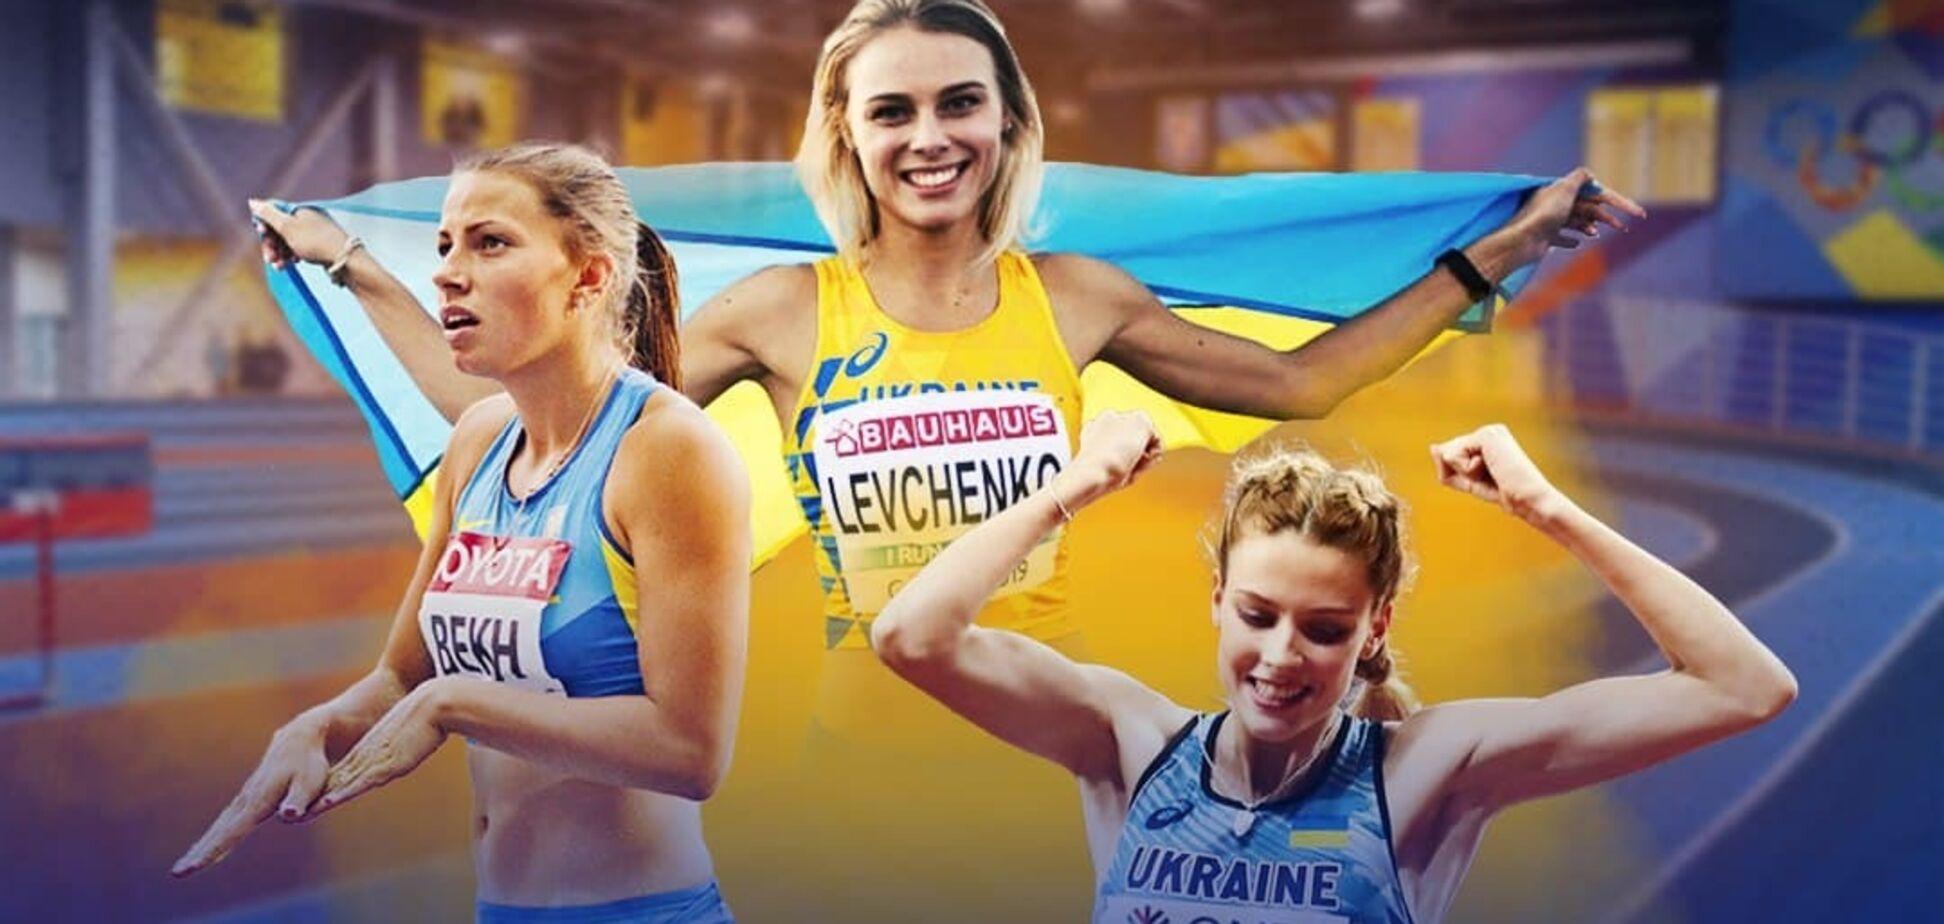 XSPORT покажет чемпионат Украины по легкой атлетике в помещении